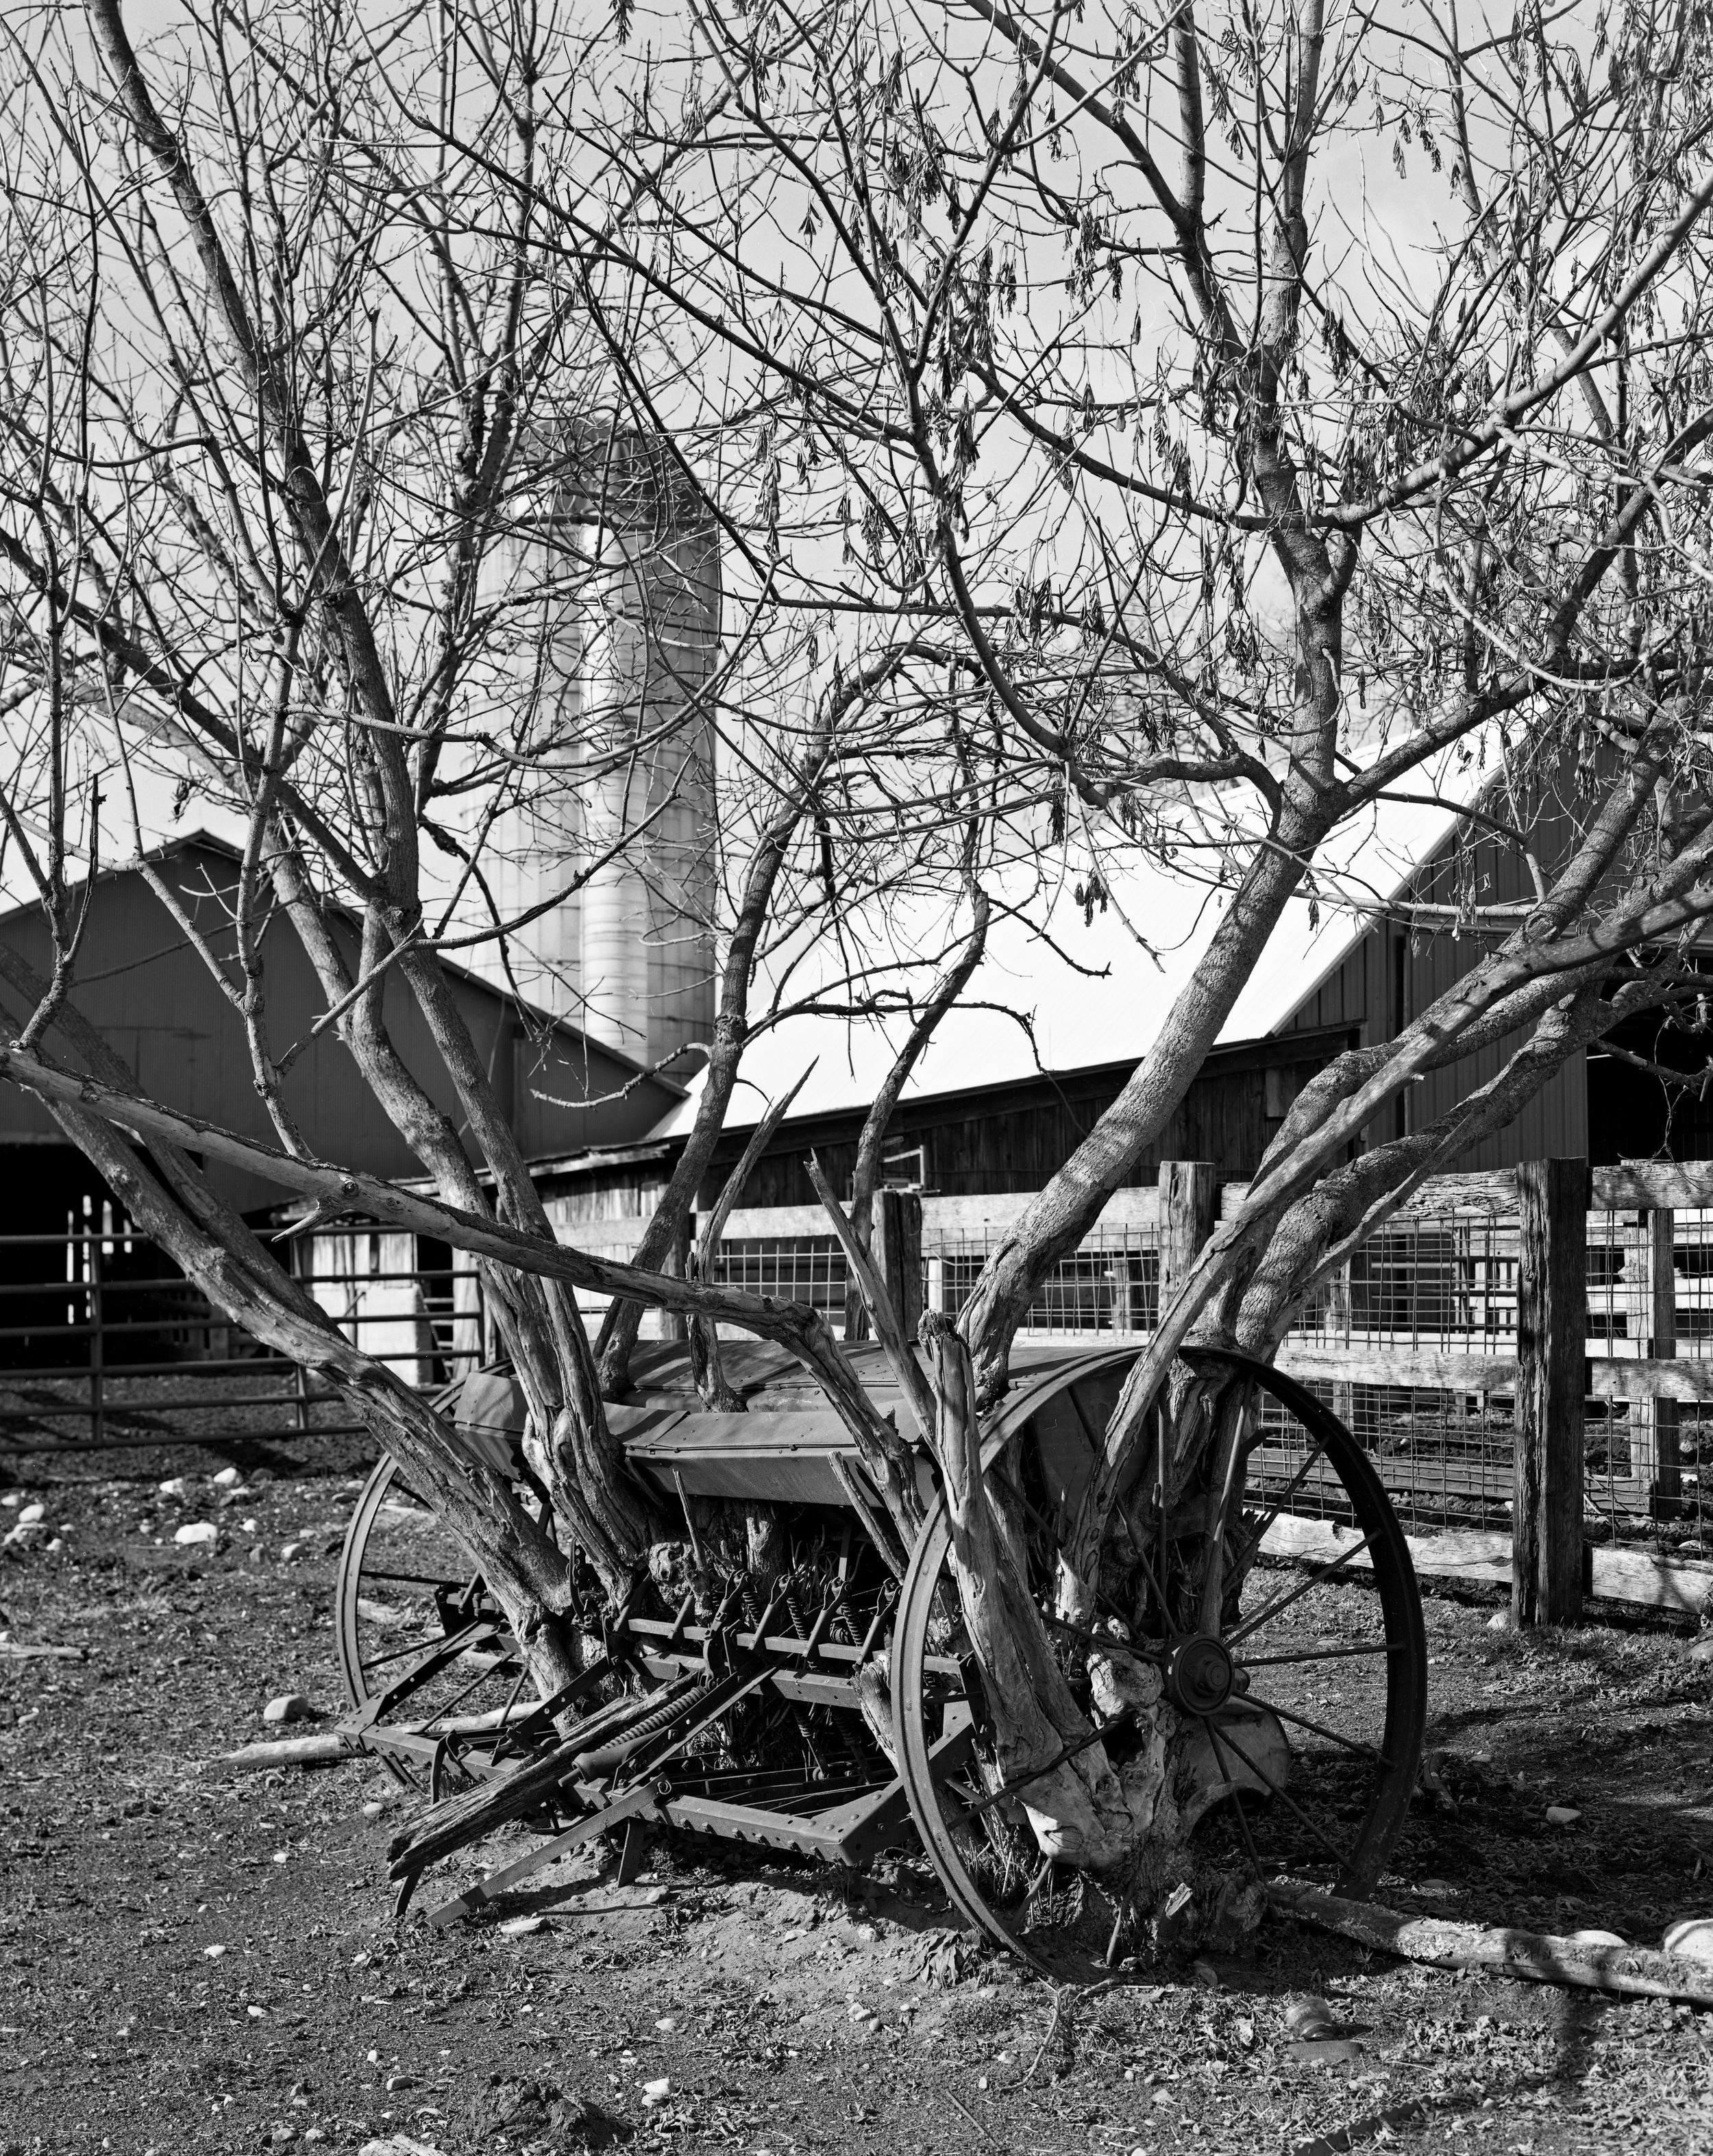 Family Farm delta005.jpg